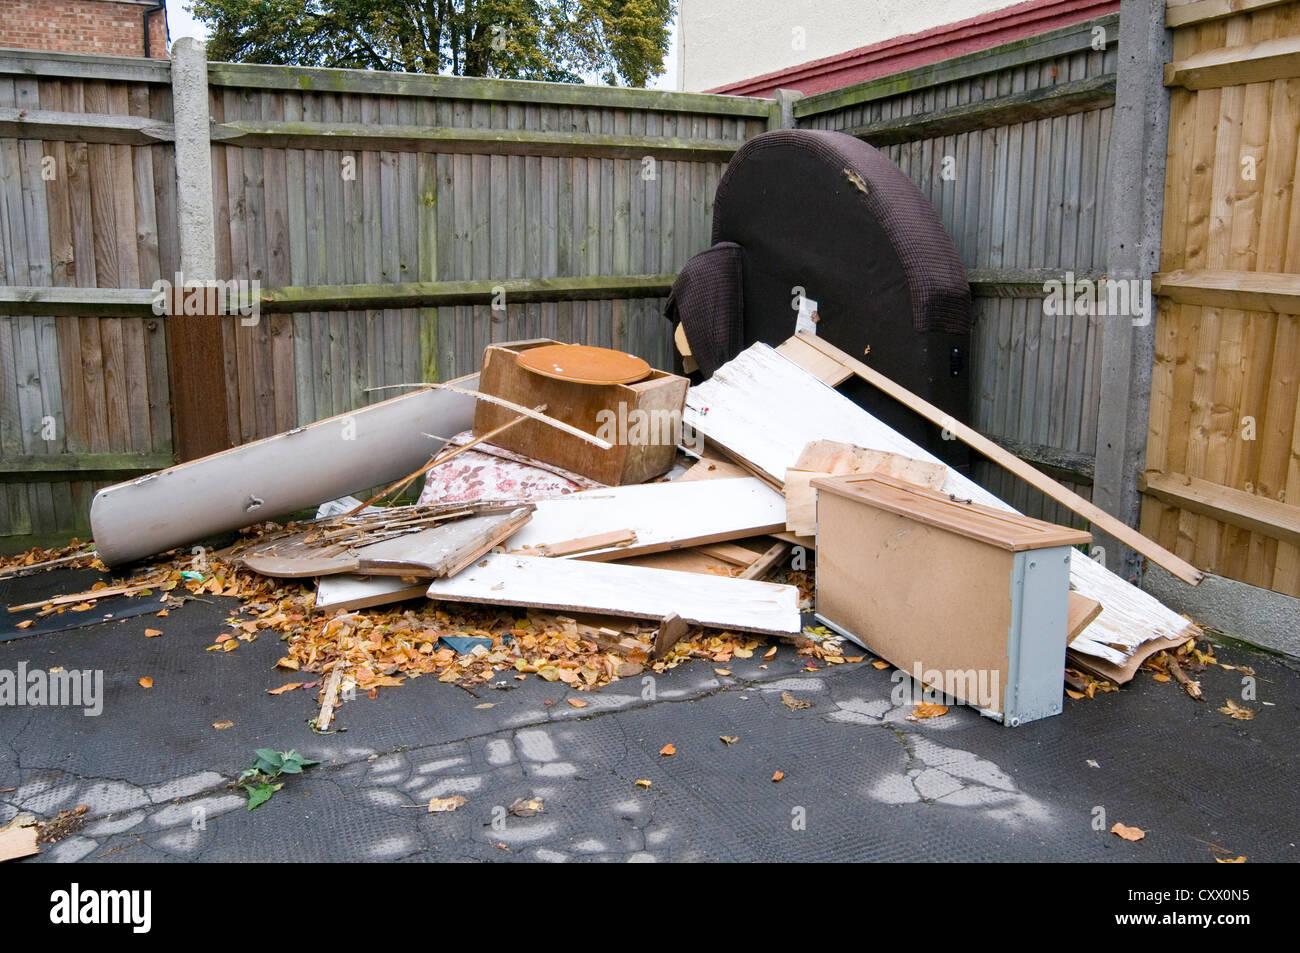 Fly Flytipping Abfall Dump Illegal dumping unbefugte kippen Stockbild